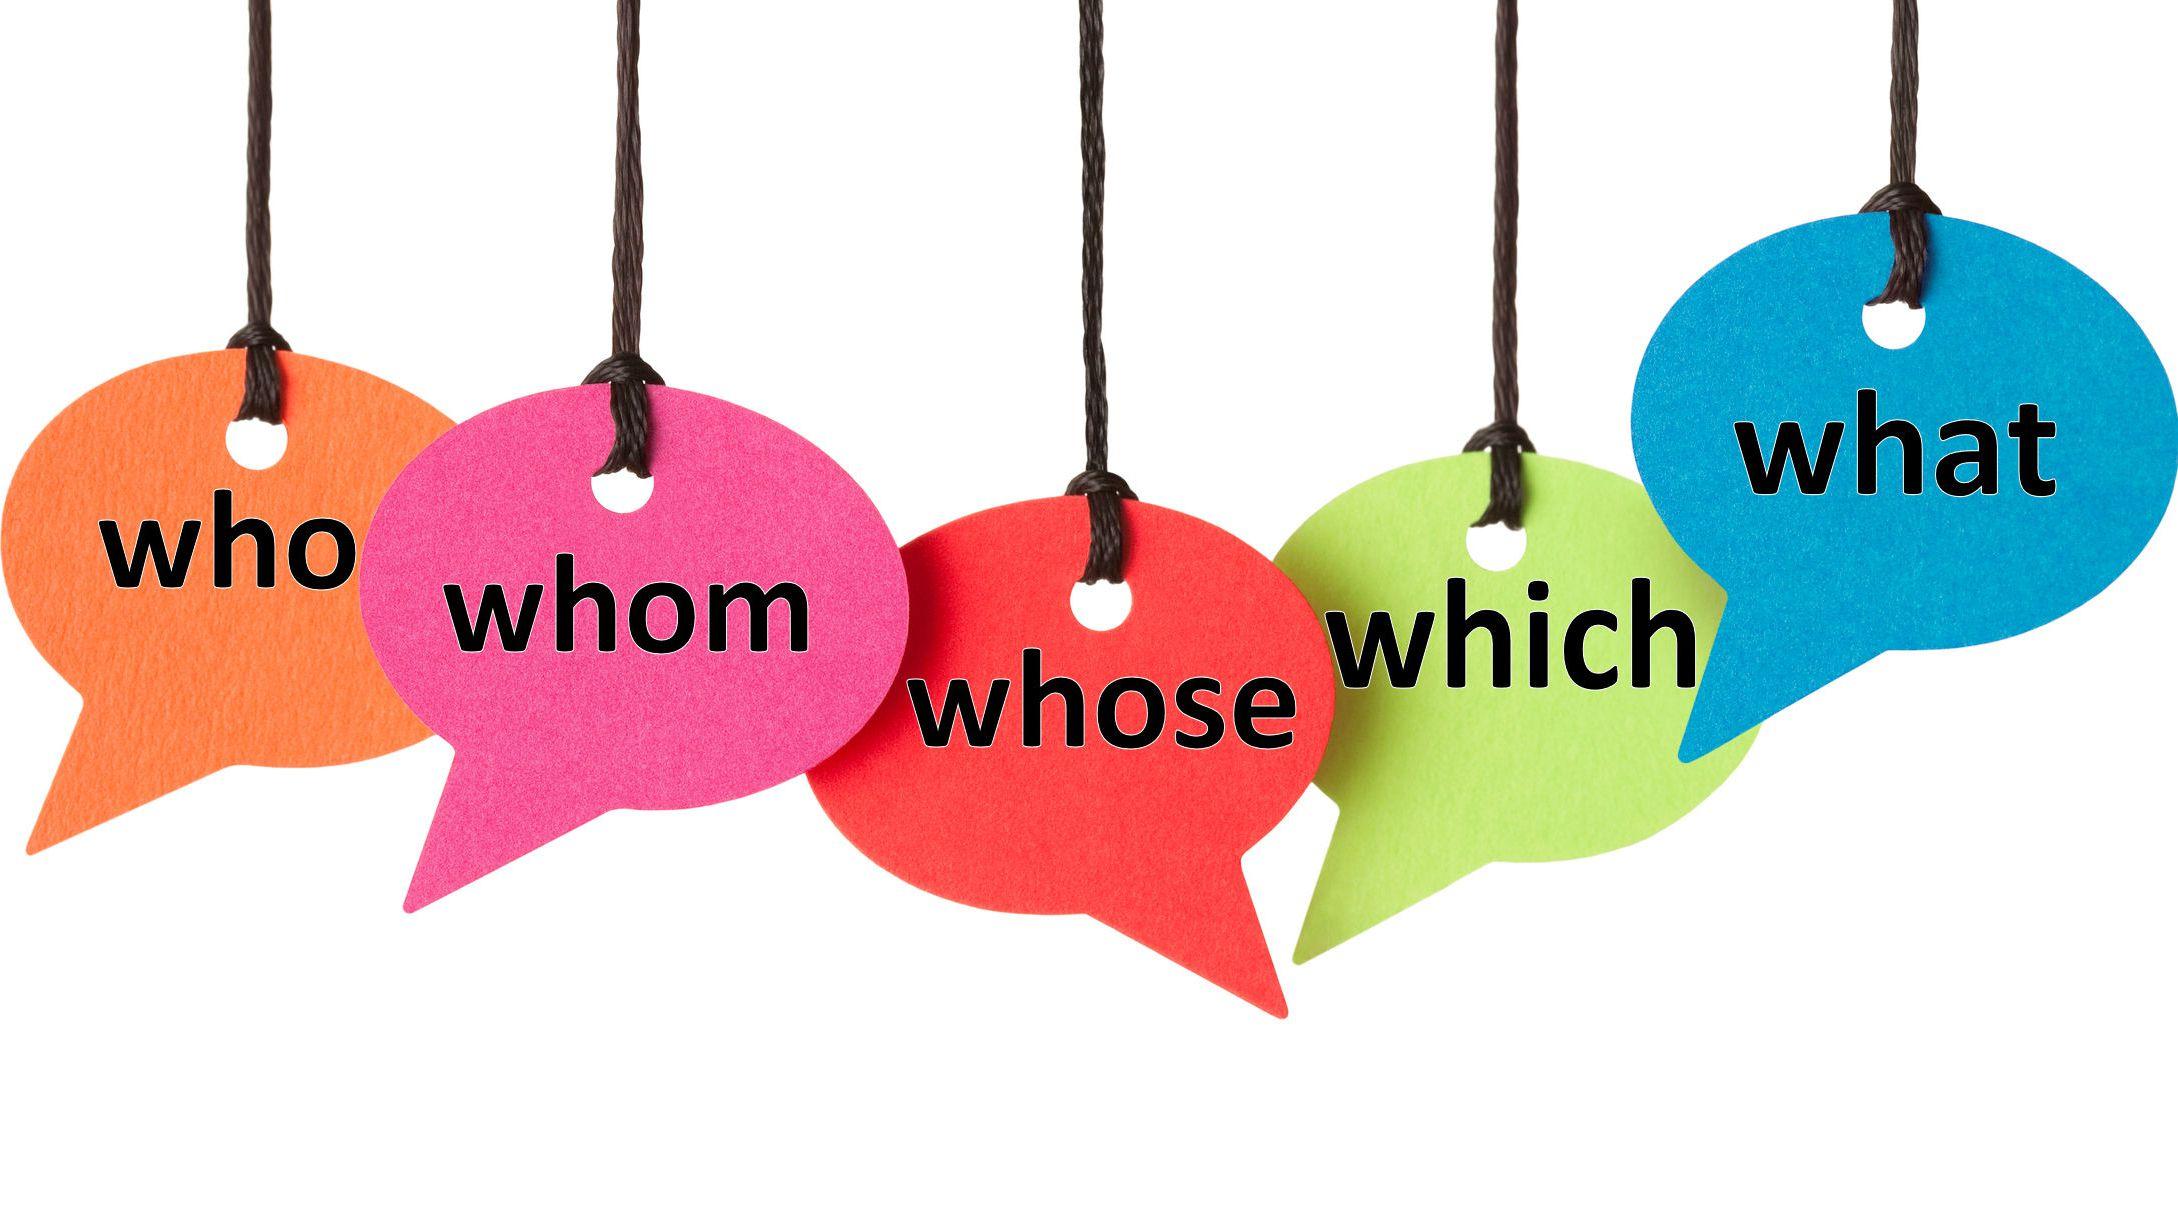 Đại từ nghi vấn - Một loại đại từ trong tiếng Anh